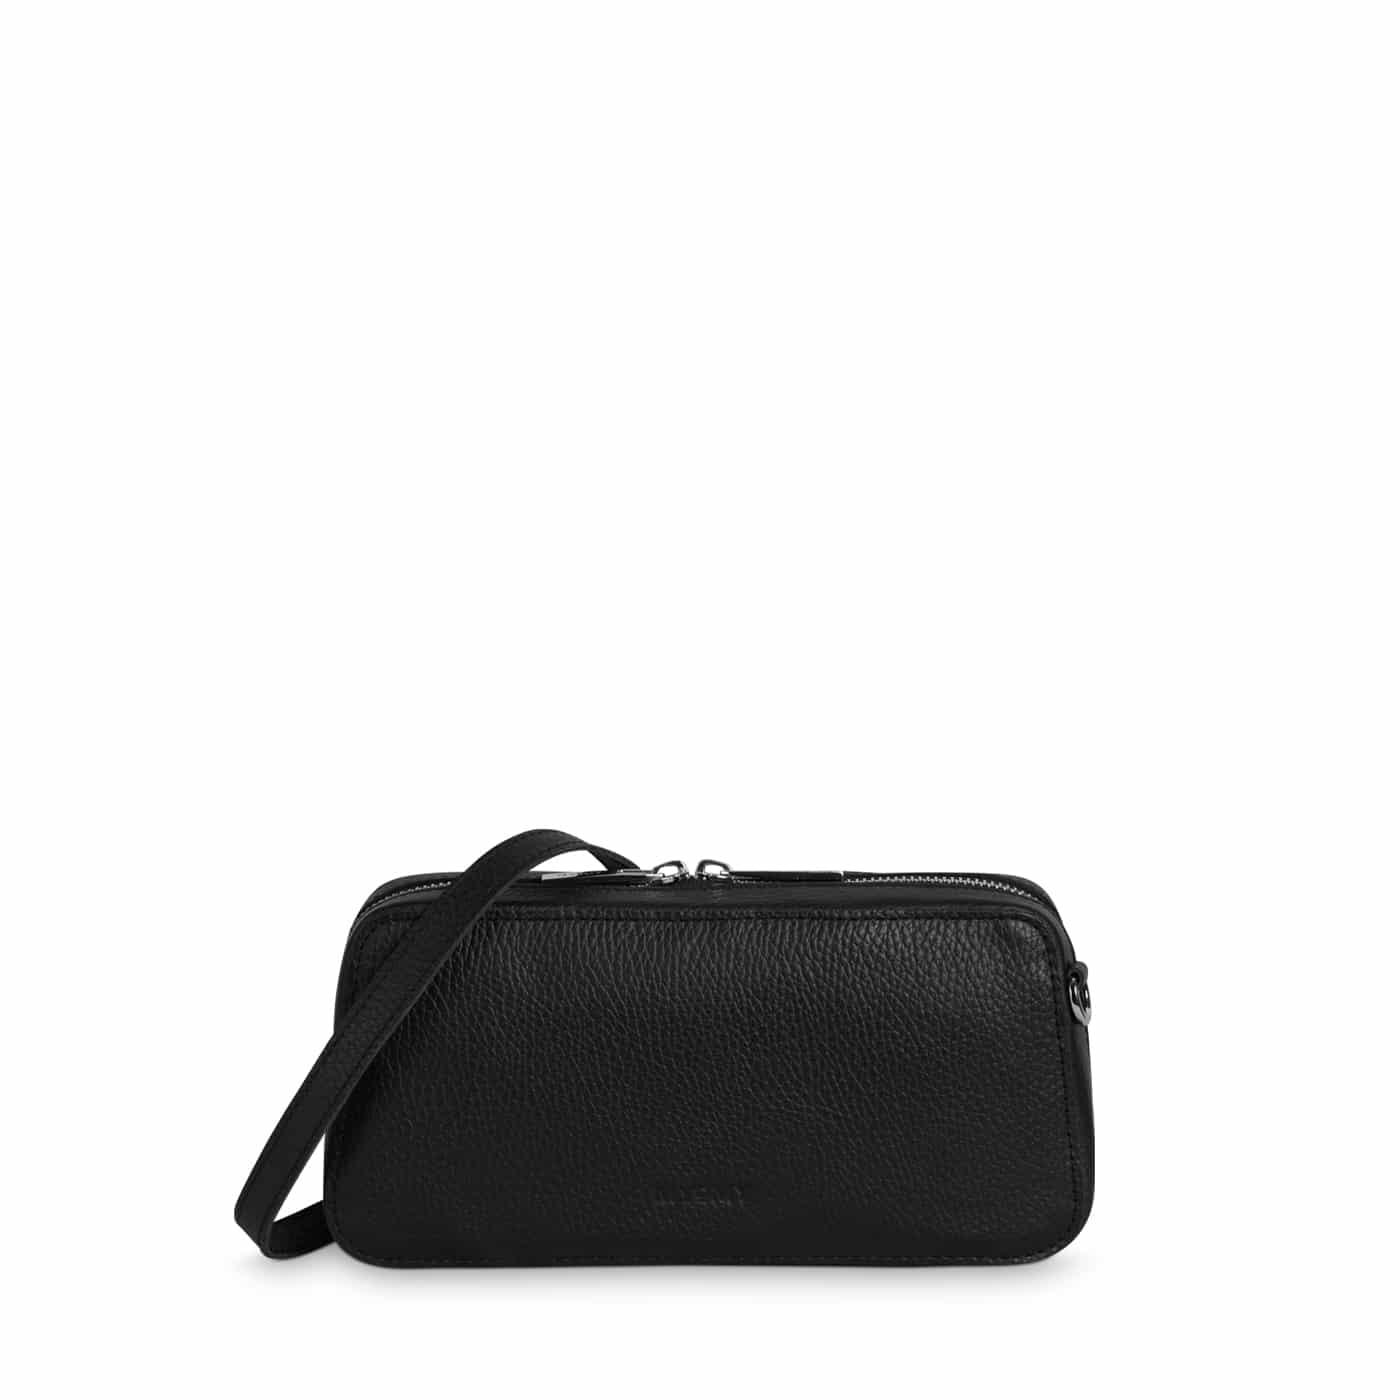 De my boxy bag locker mini uit de my boxy bag collectie is gemaakt van duurzaam eco leer en fairtrade ...